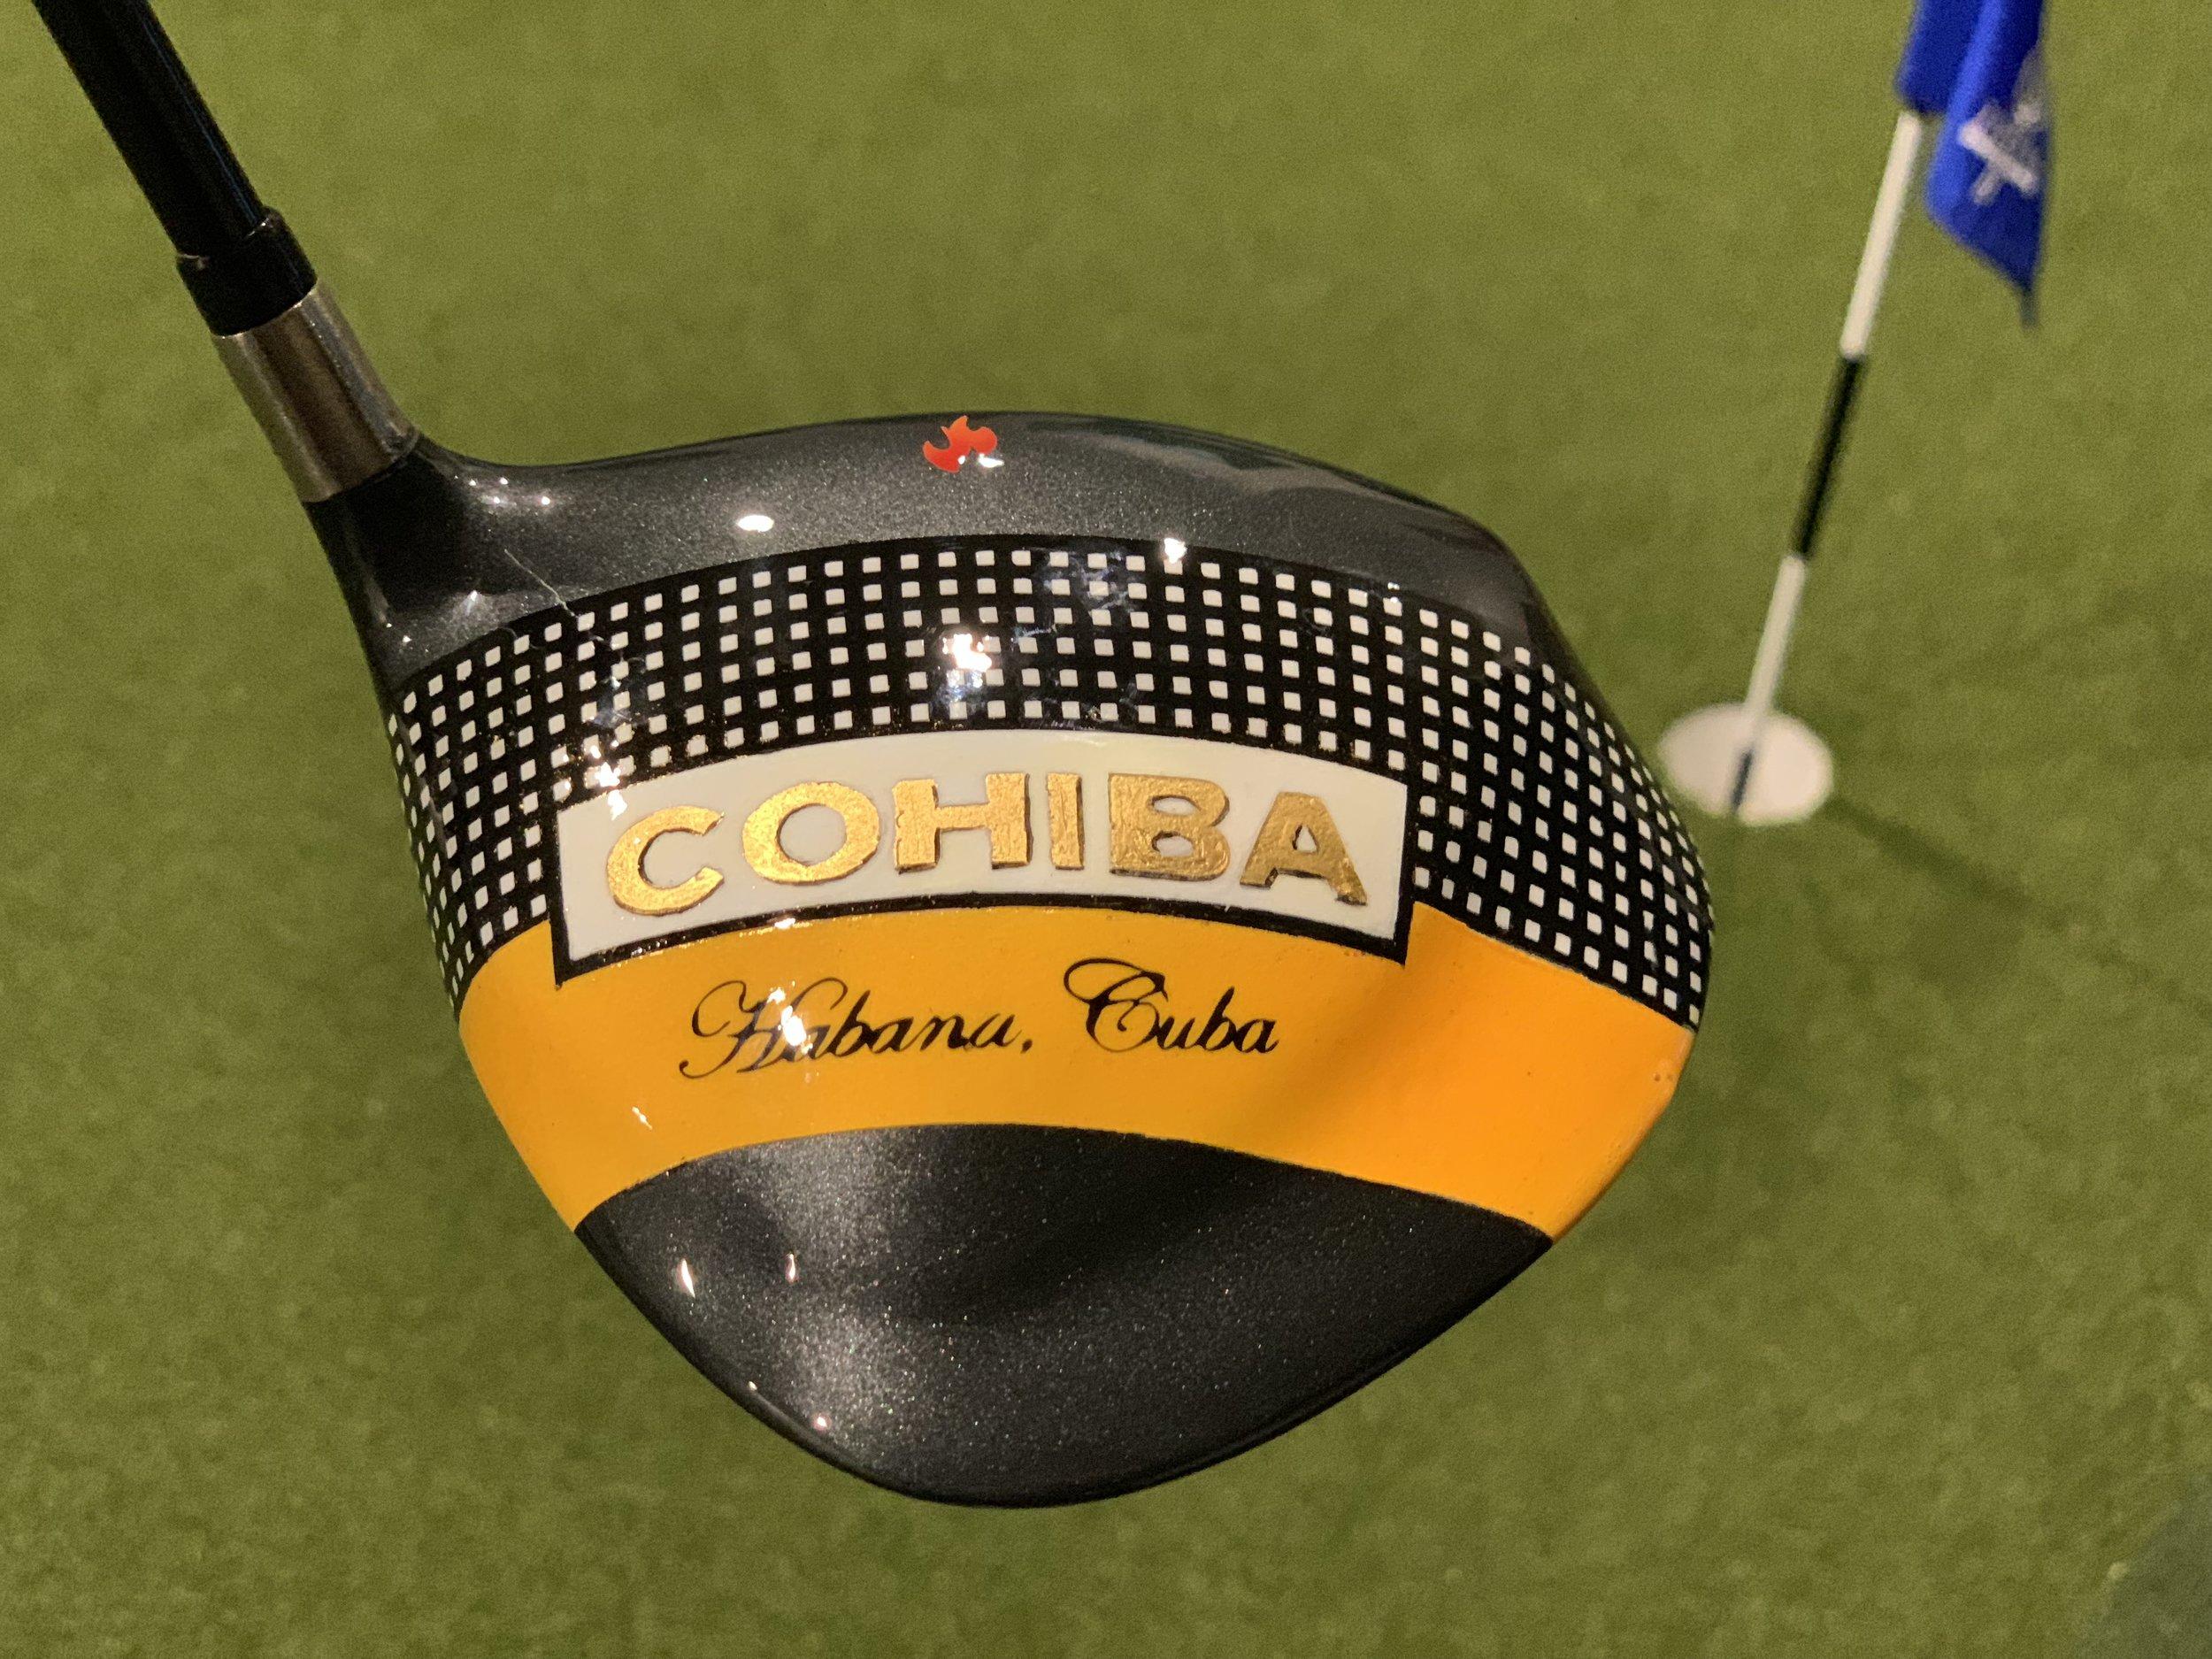 Cohiba.jpg